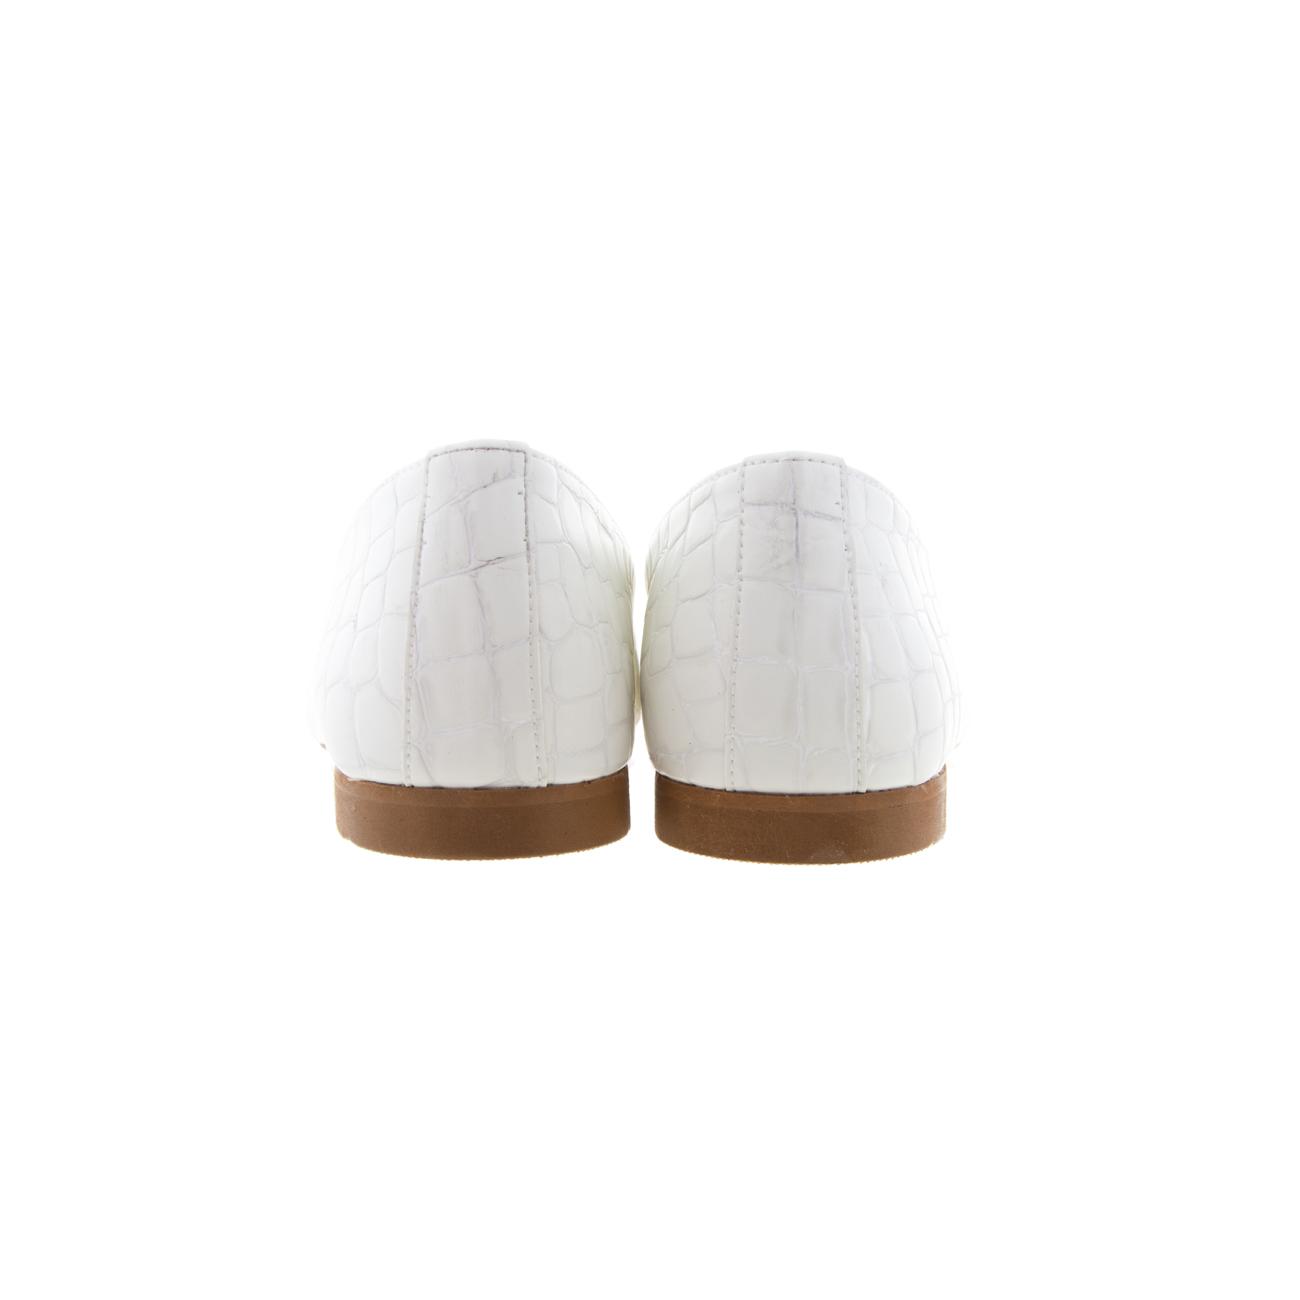 Μπαλαρίνες κροκό πατάκι δερμάτινο λευκό SANTE 20-114-09